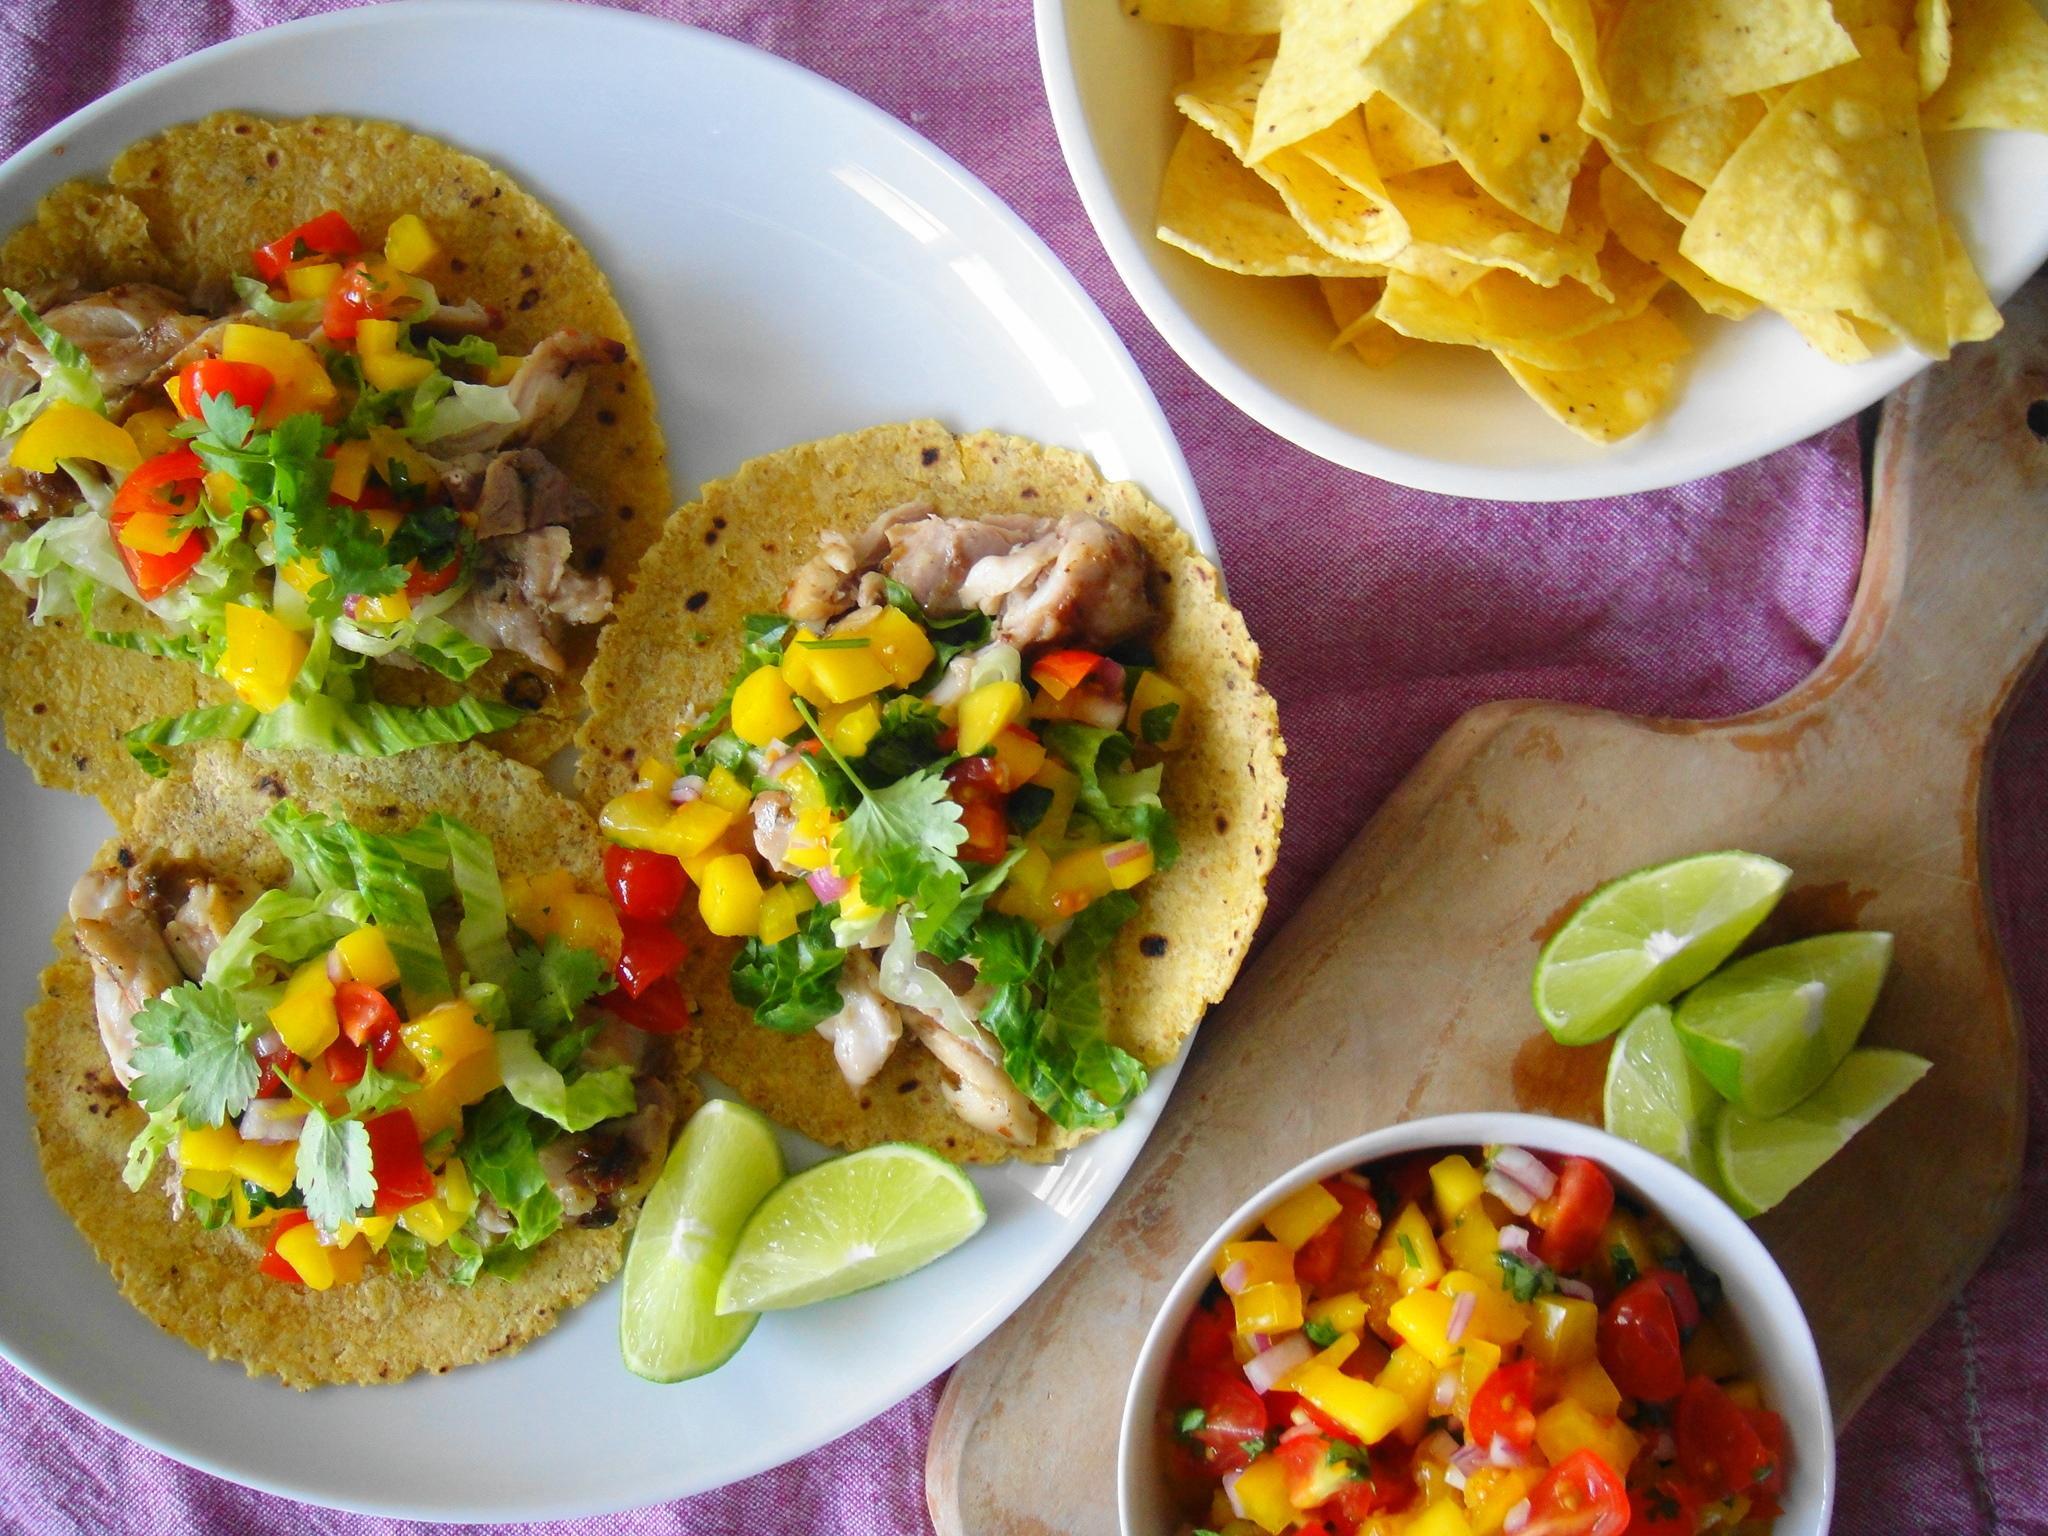 jerk chicken taco dinner